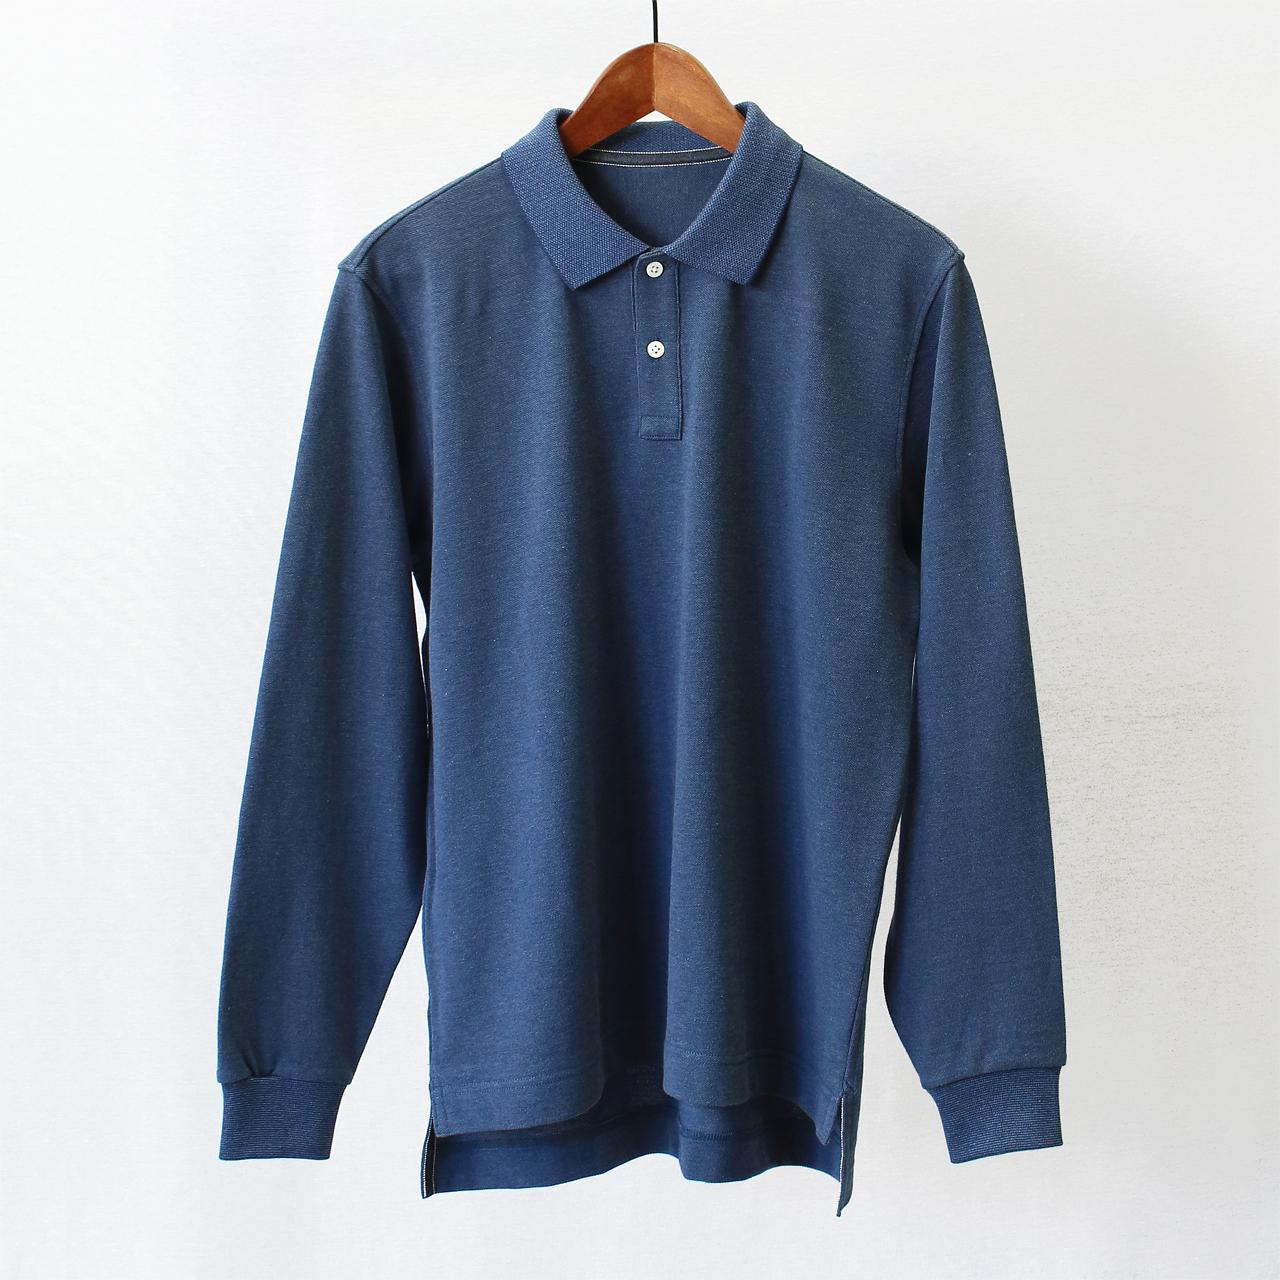 スビンゴールド鹿の子 長袖ポロシャツ